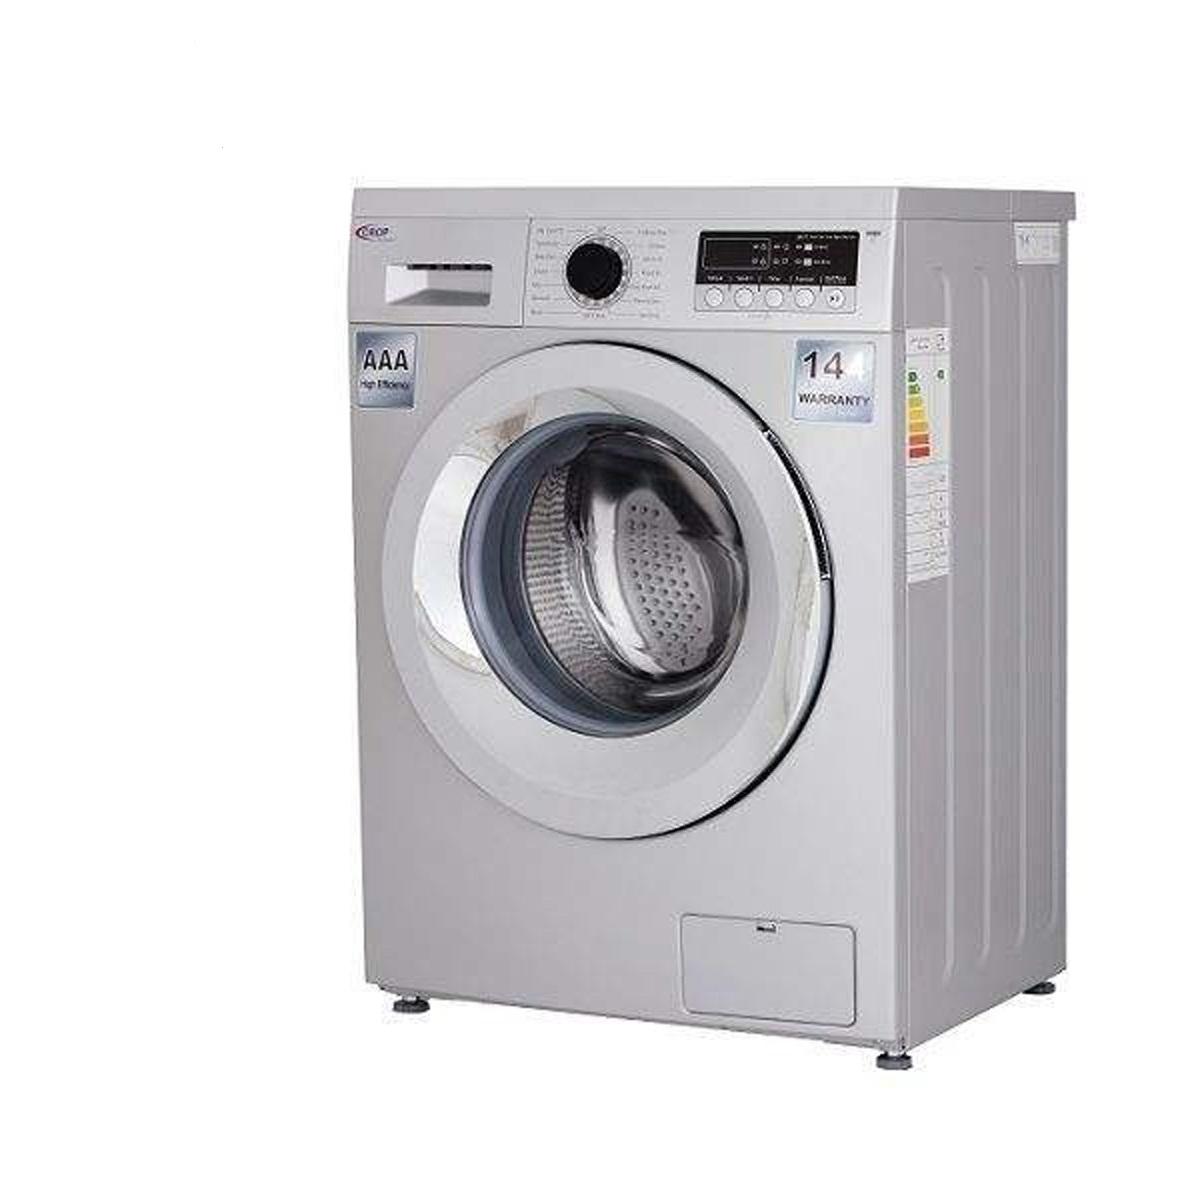 لباسشویی کروپ اتومات 8KG سفید درب کروم 1400دور  WFT-28414WT